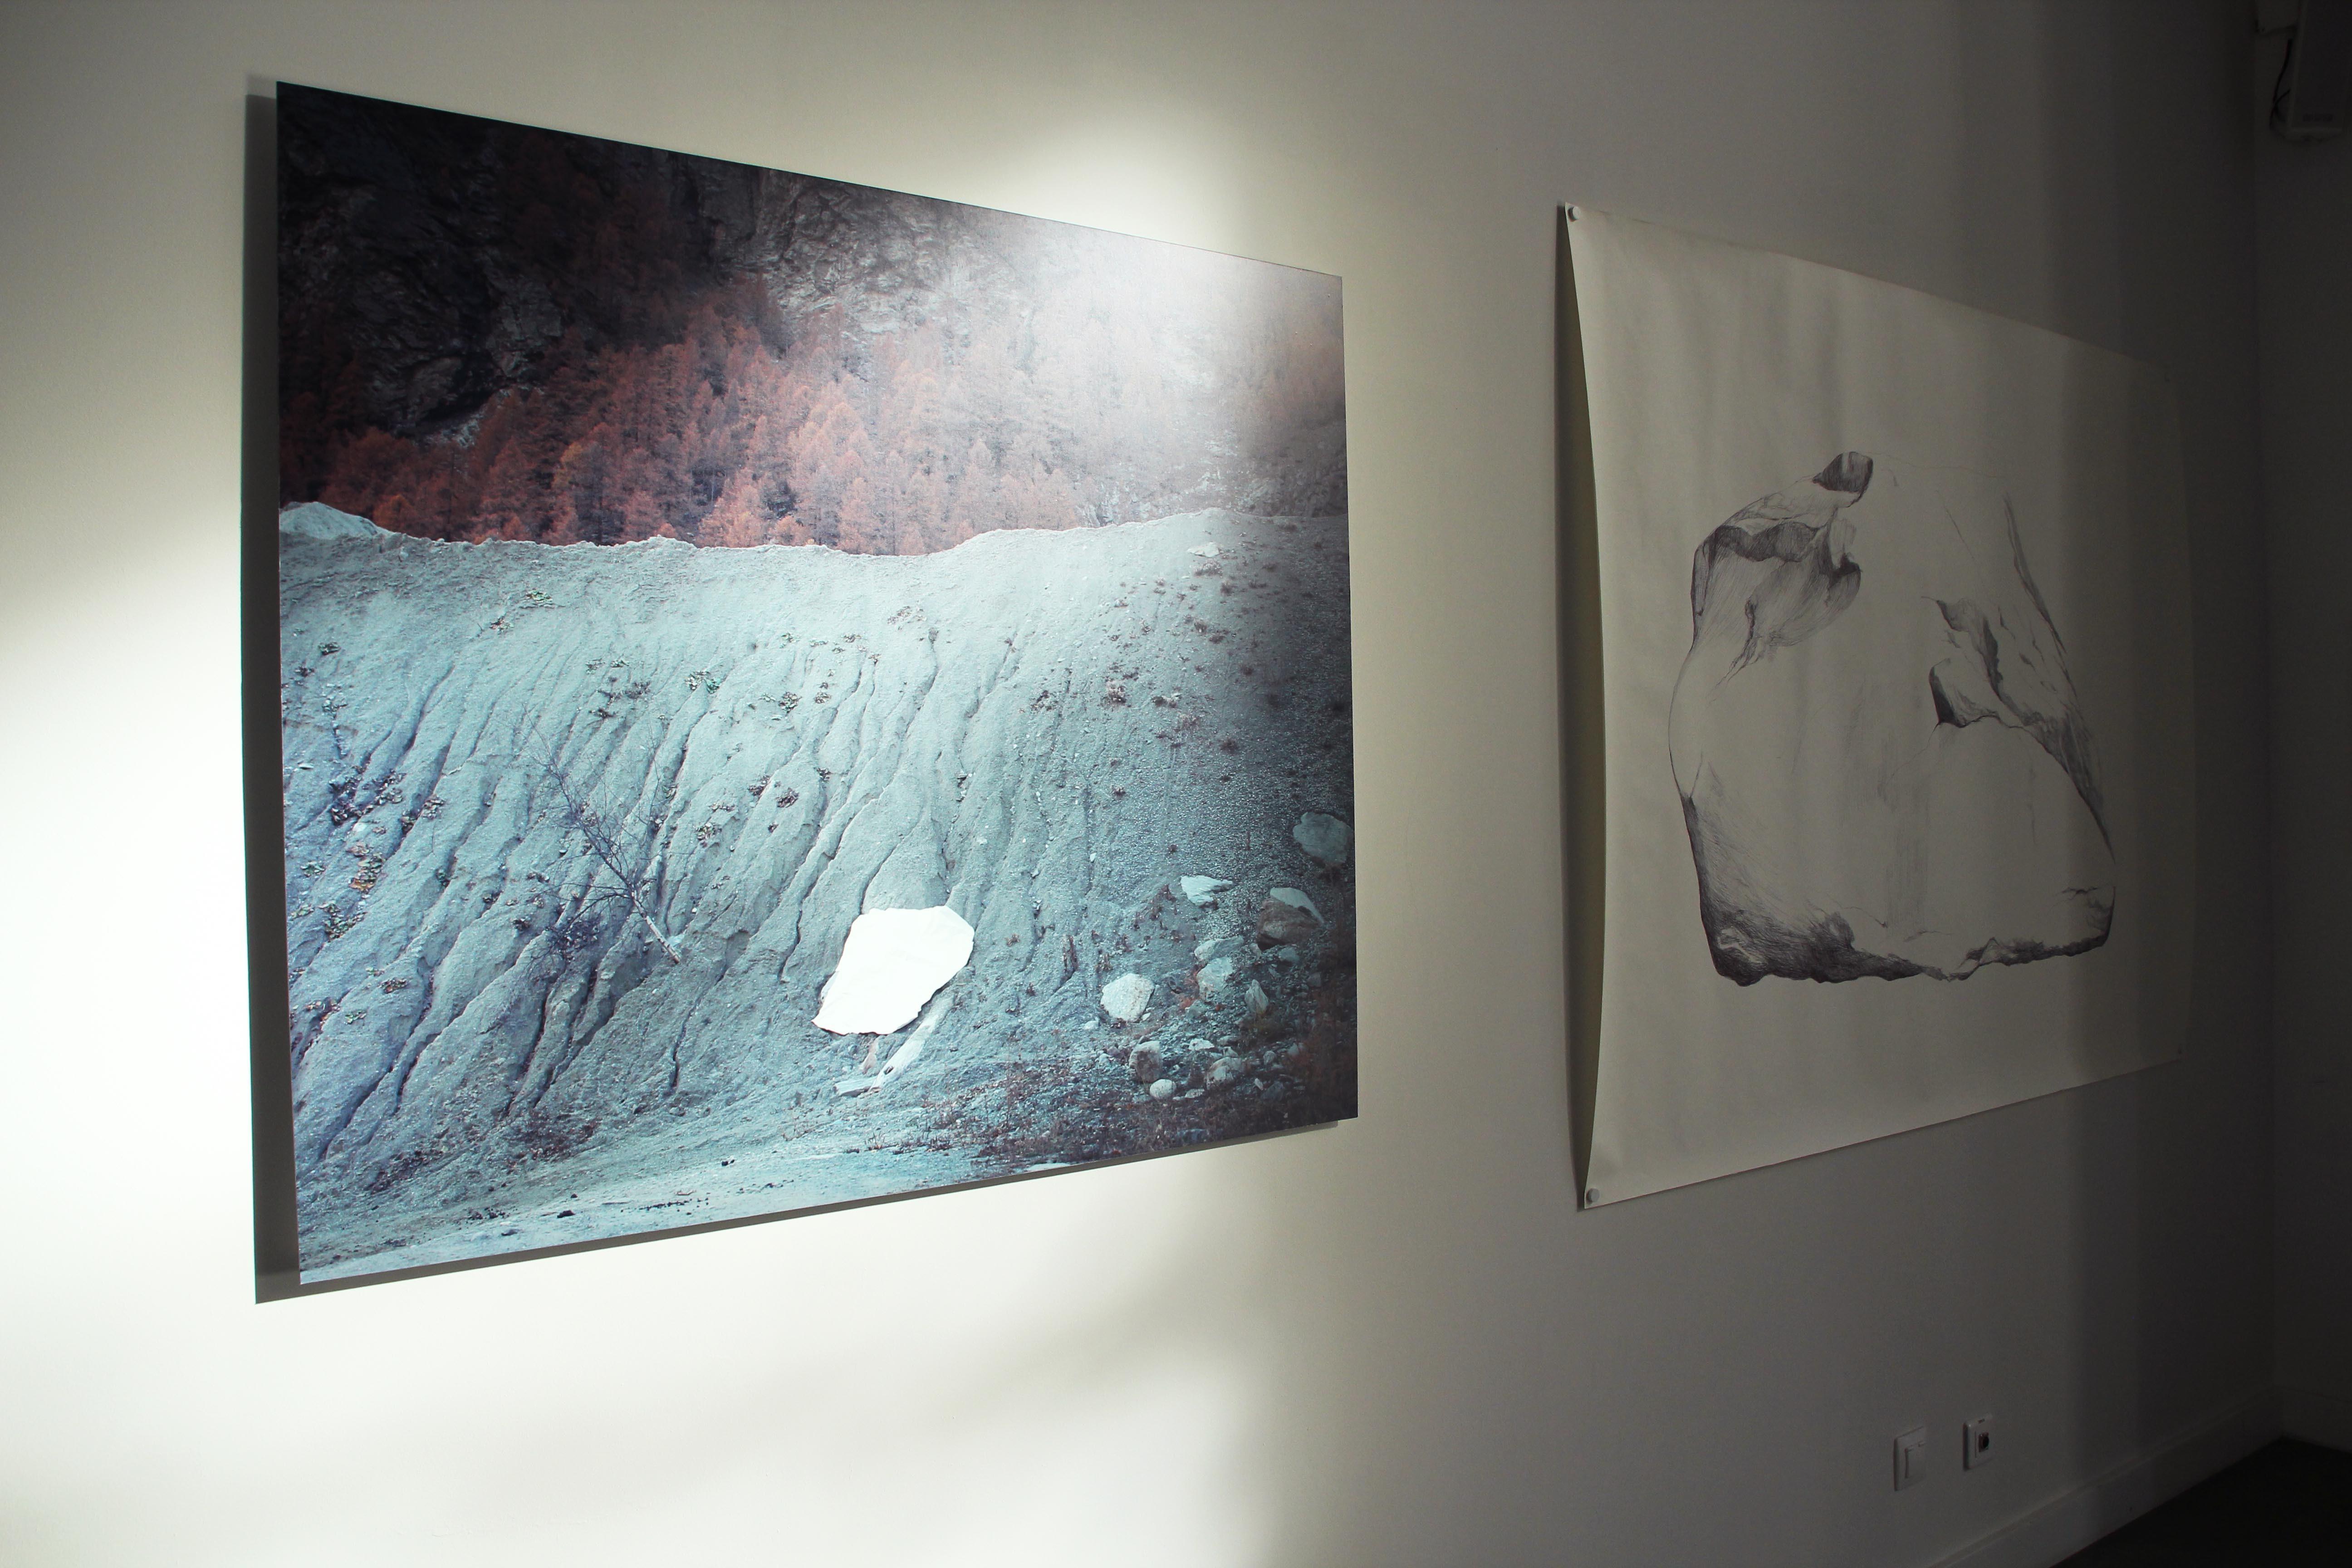 Apnea dokumentacja 6 © Justyna Werbel